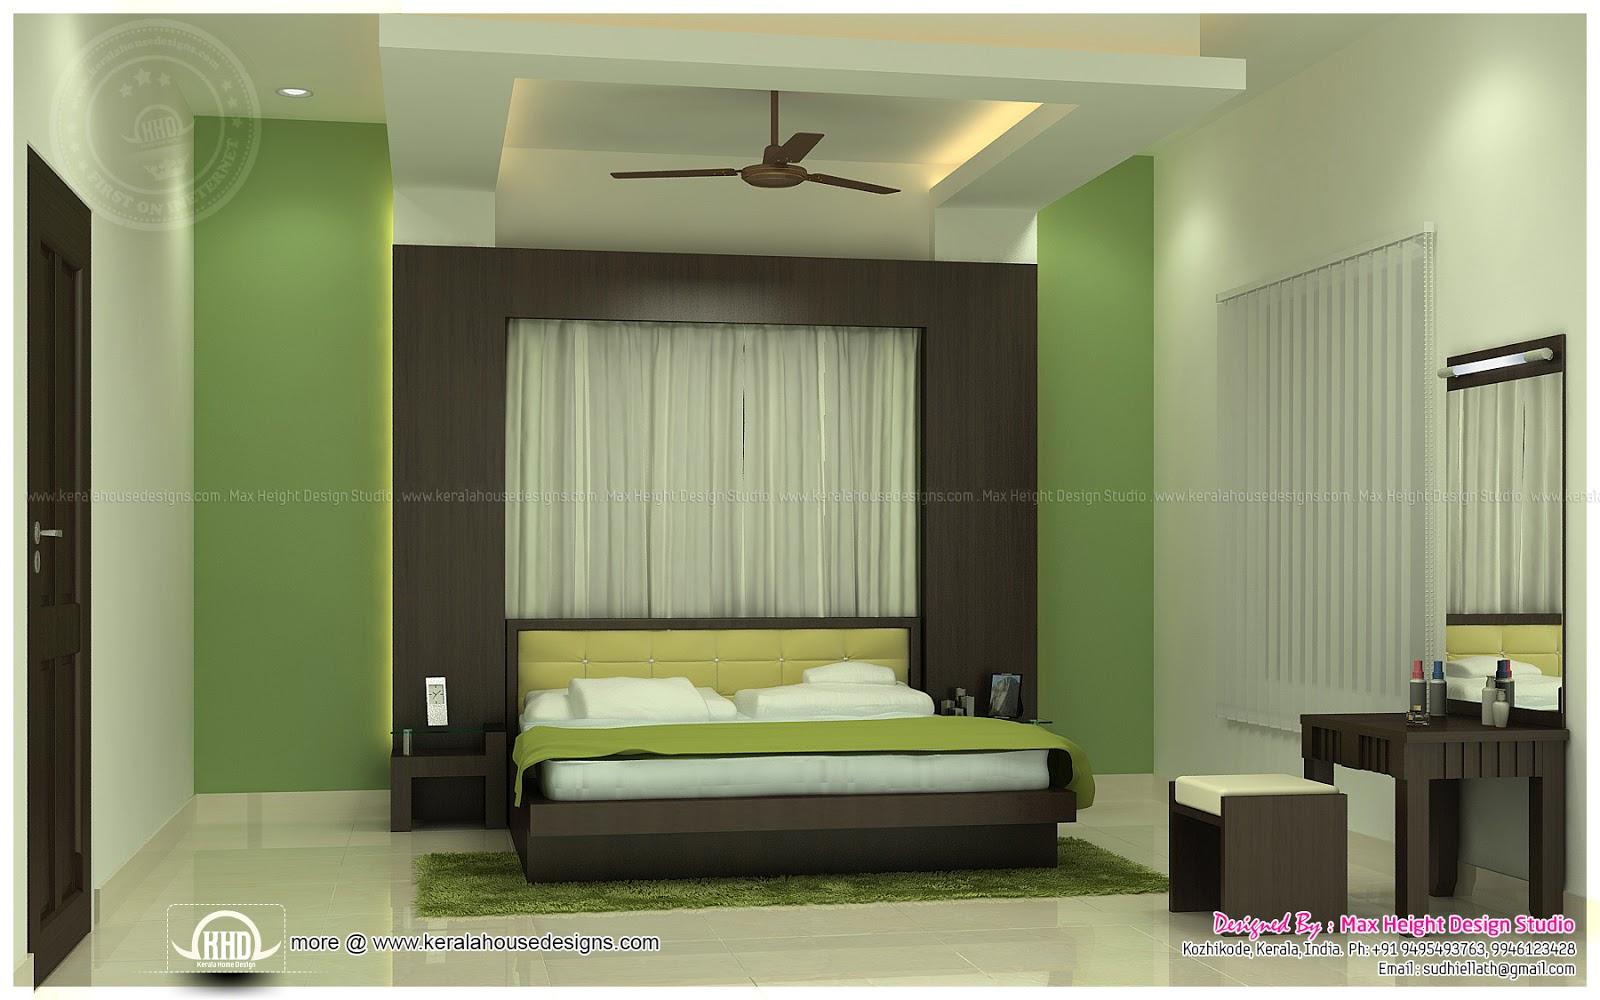 interior bedroom idea